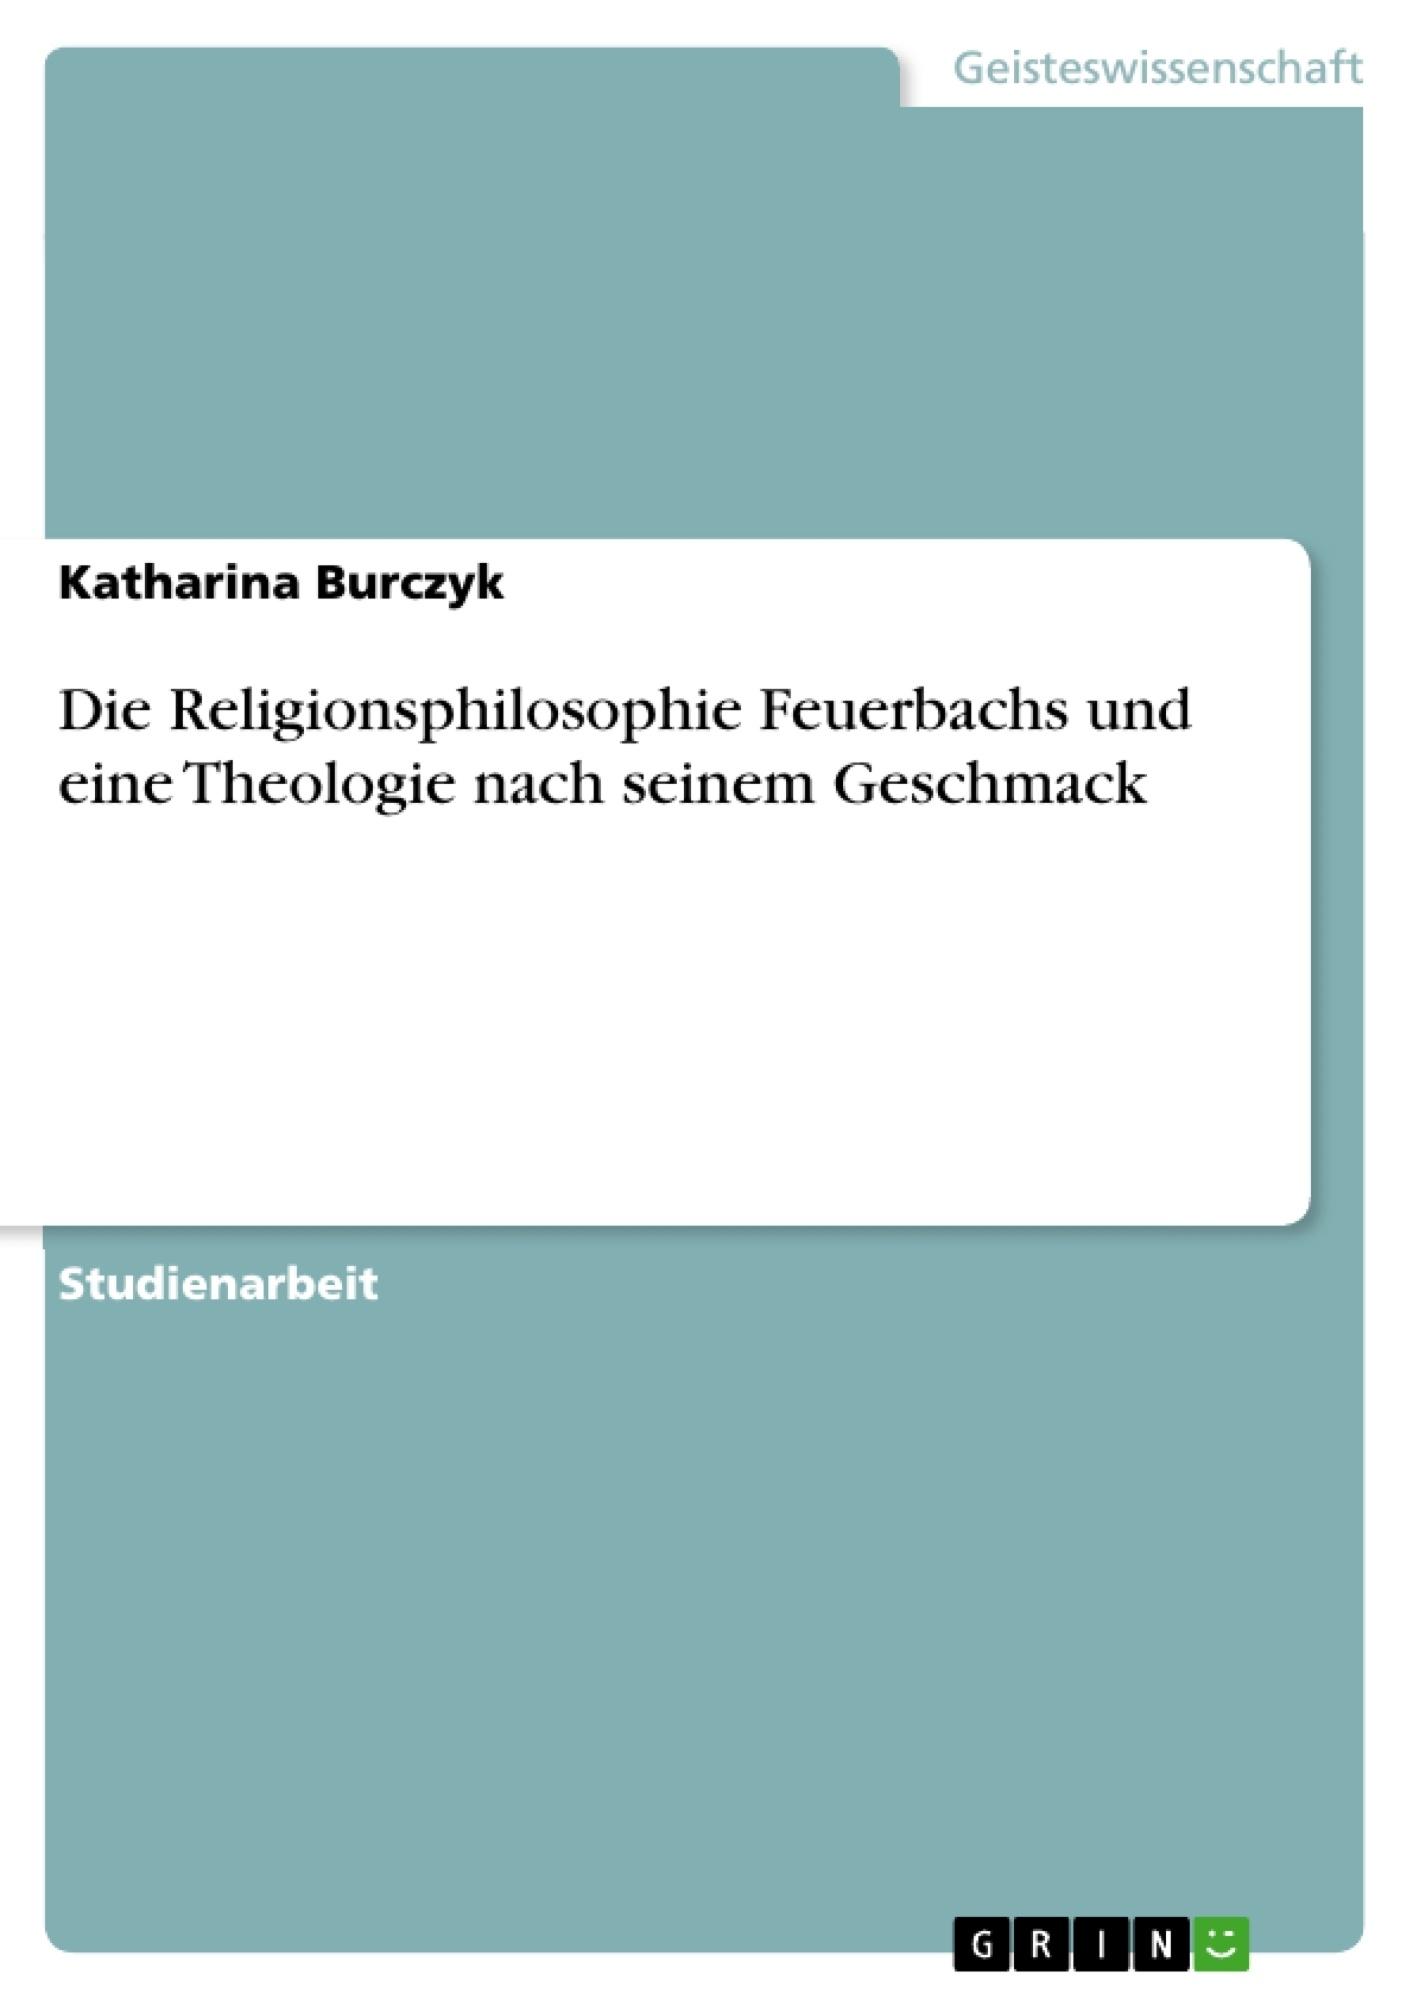 Titel: Die Religionsphilosophie Feuerbachs und eine Theologie nach seinem Geschmack